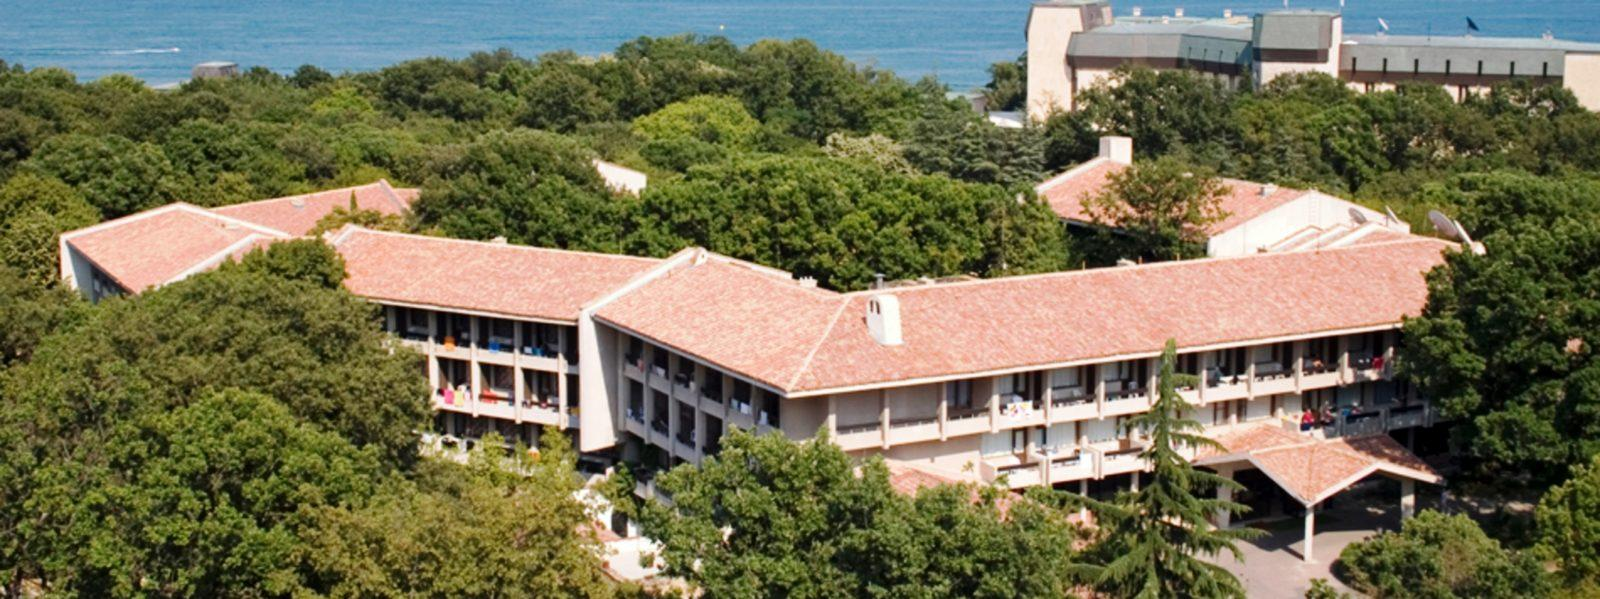 отель преслав болгария золотые пески